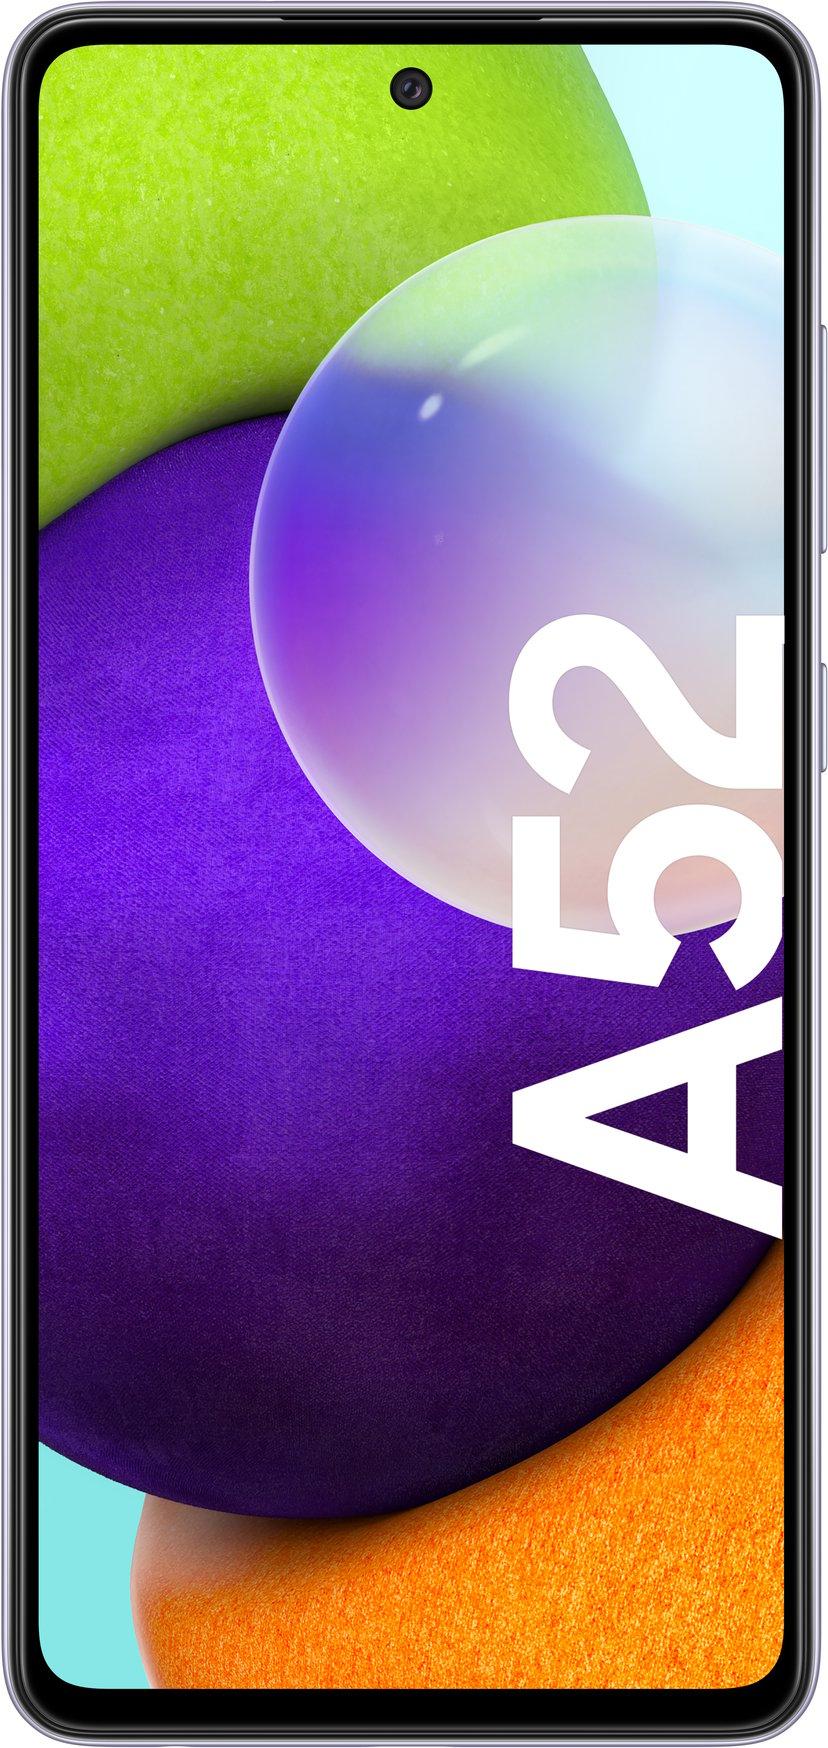 Samsung Galaxy A52 128GB Dobbelt-SIM Kul fiolett